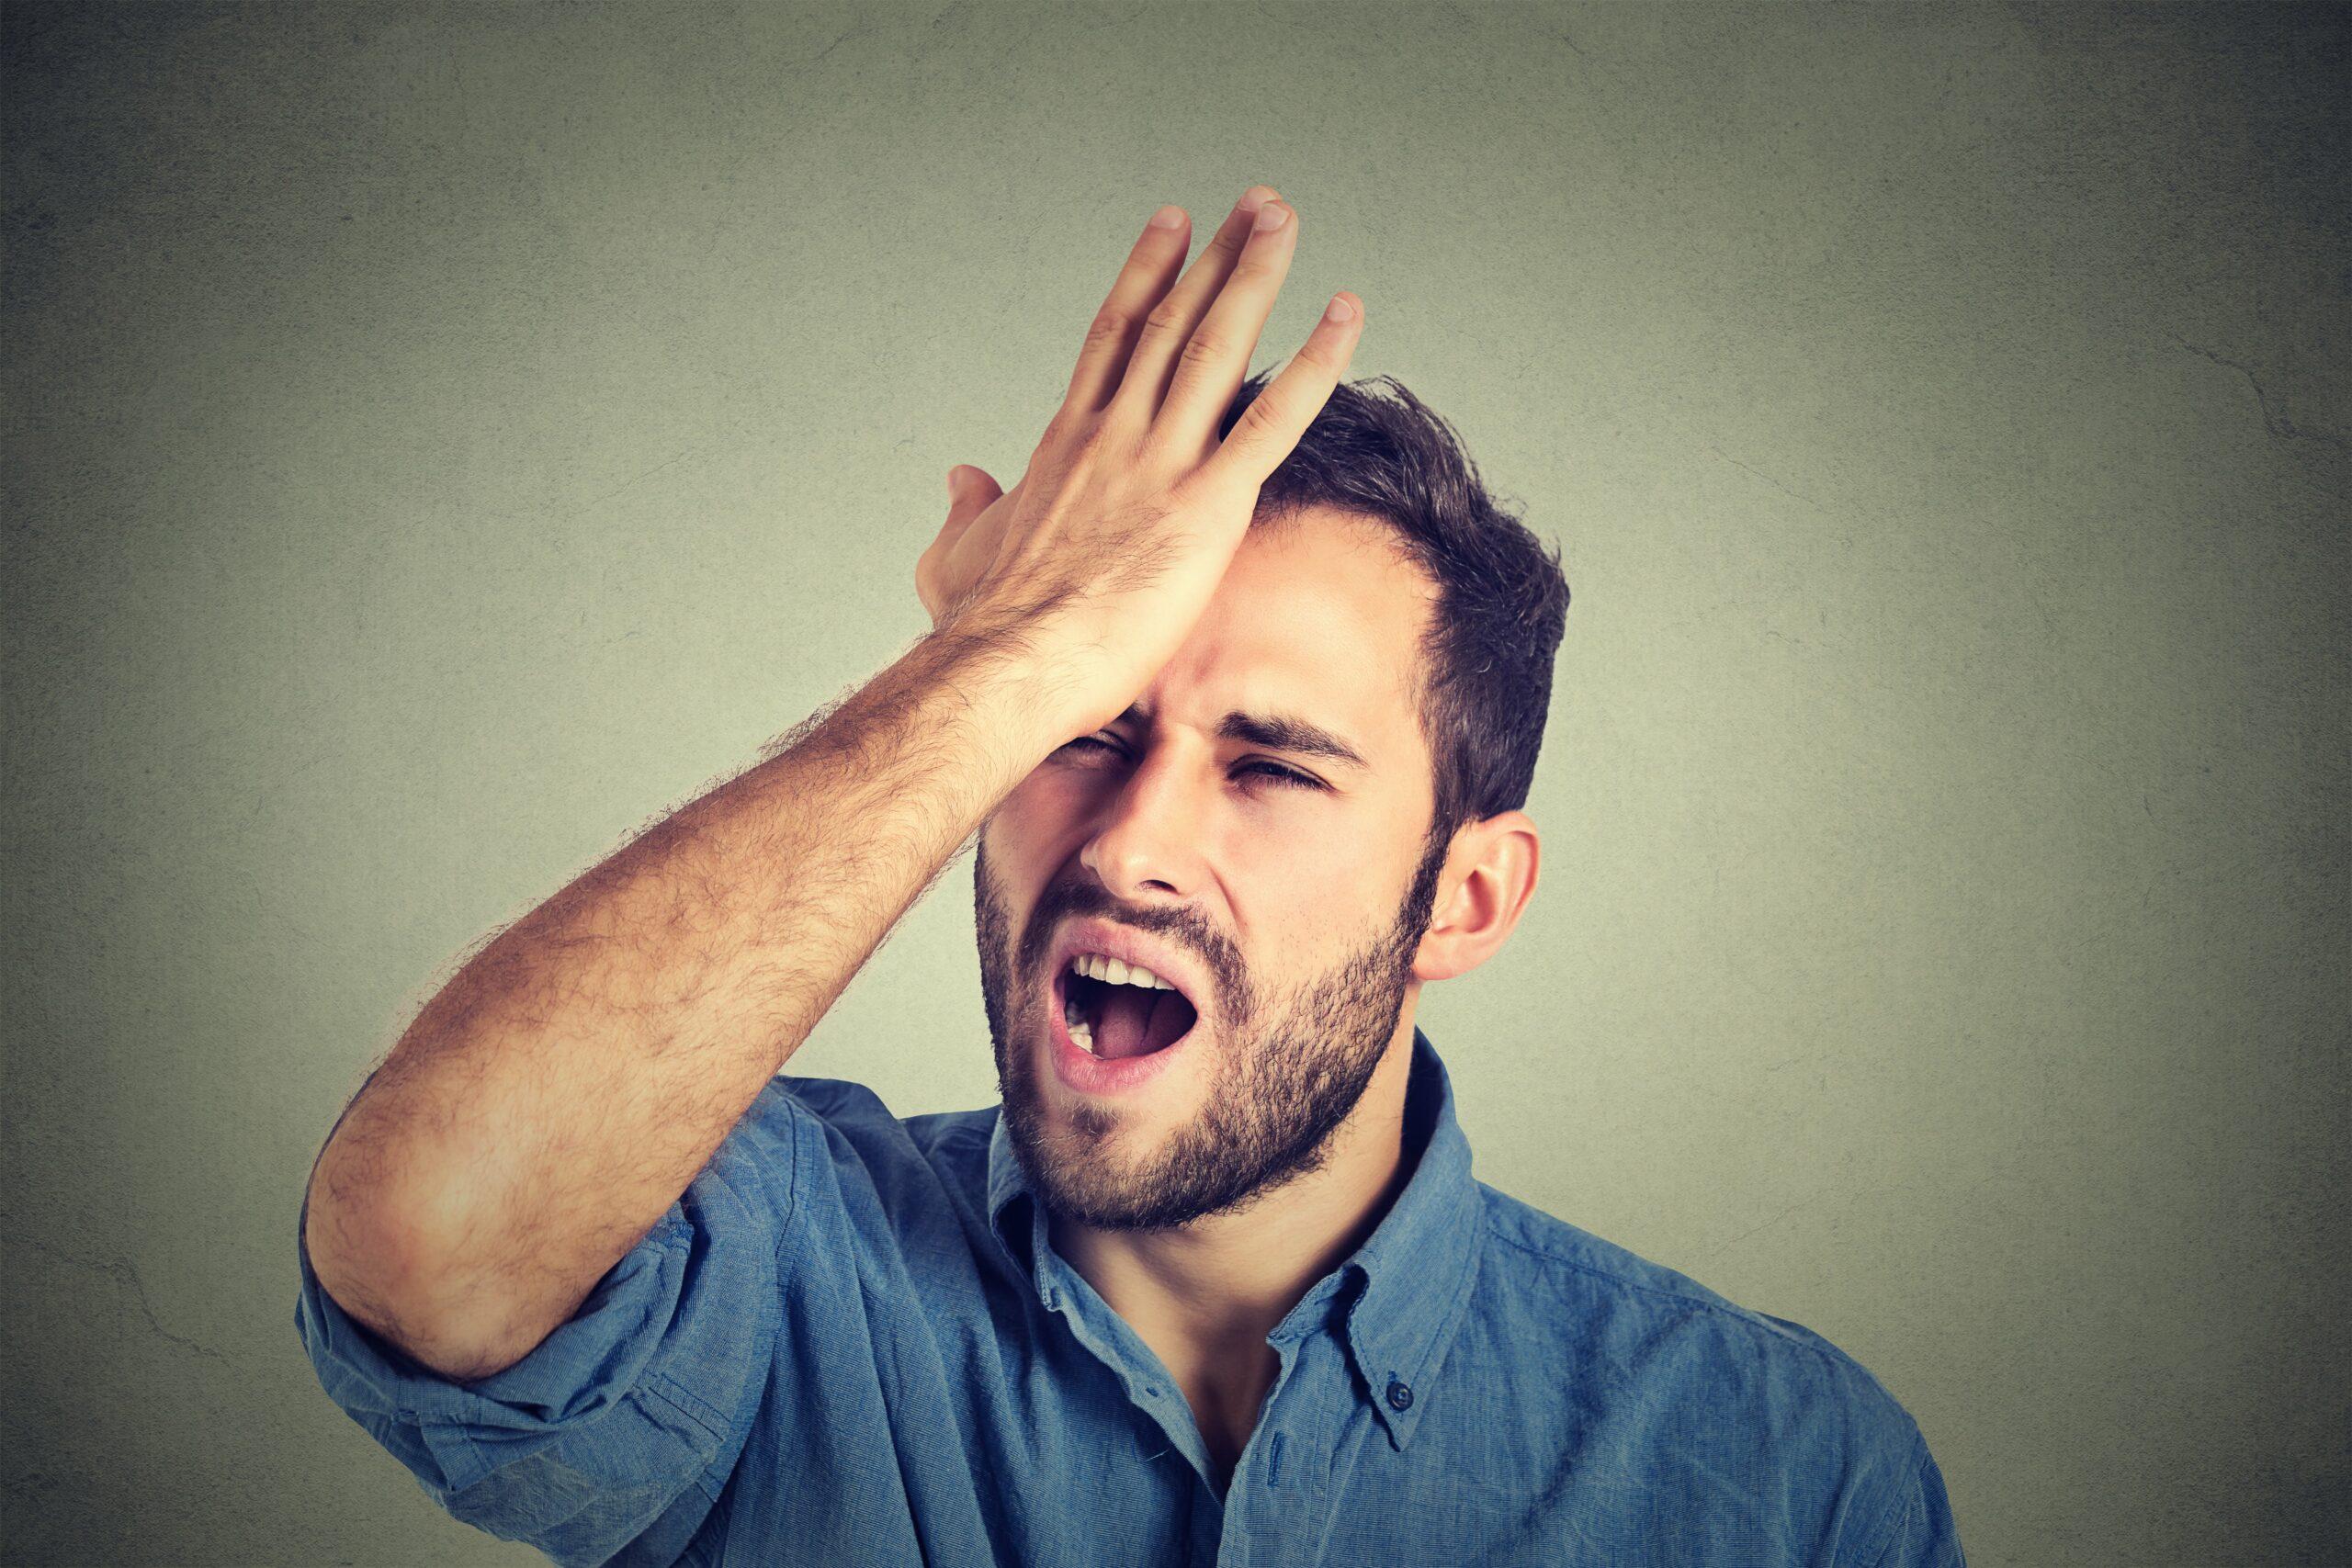 Die 5 größten PR-Fehler, die Startups machen und wie du sie vermeidest